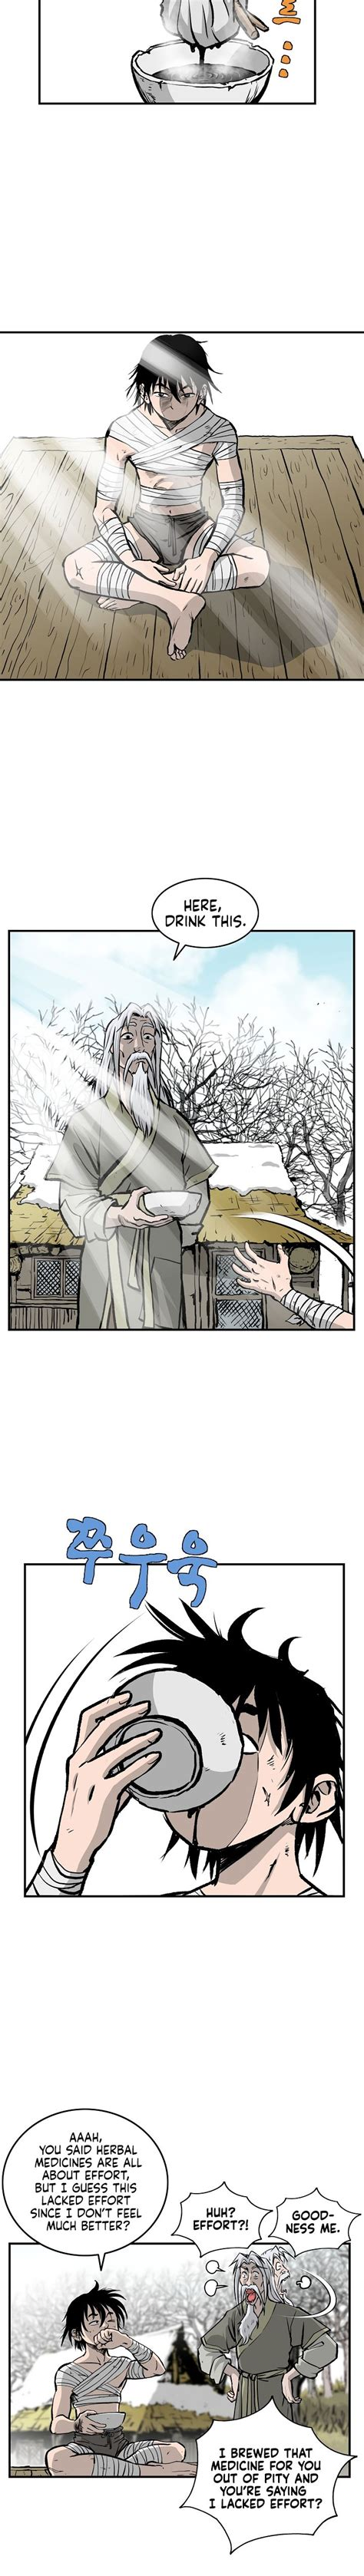 Read manhwa 18 free online, latest manhwa / manga / manhua update at manhwa68. Bowblade Spirit - Chapter 6 - Manga Rock Team - Read Manga Online For Free